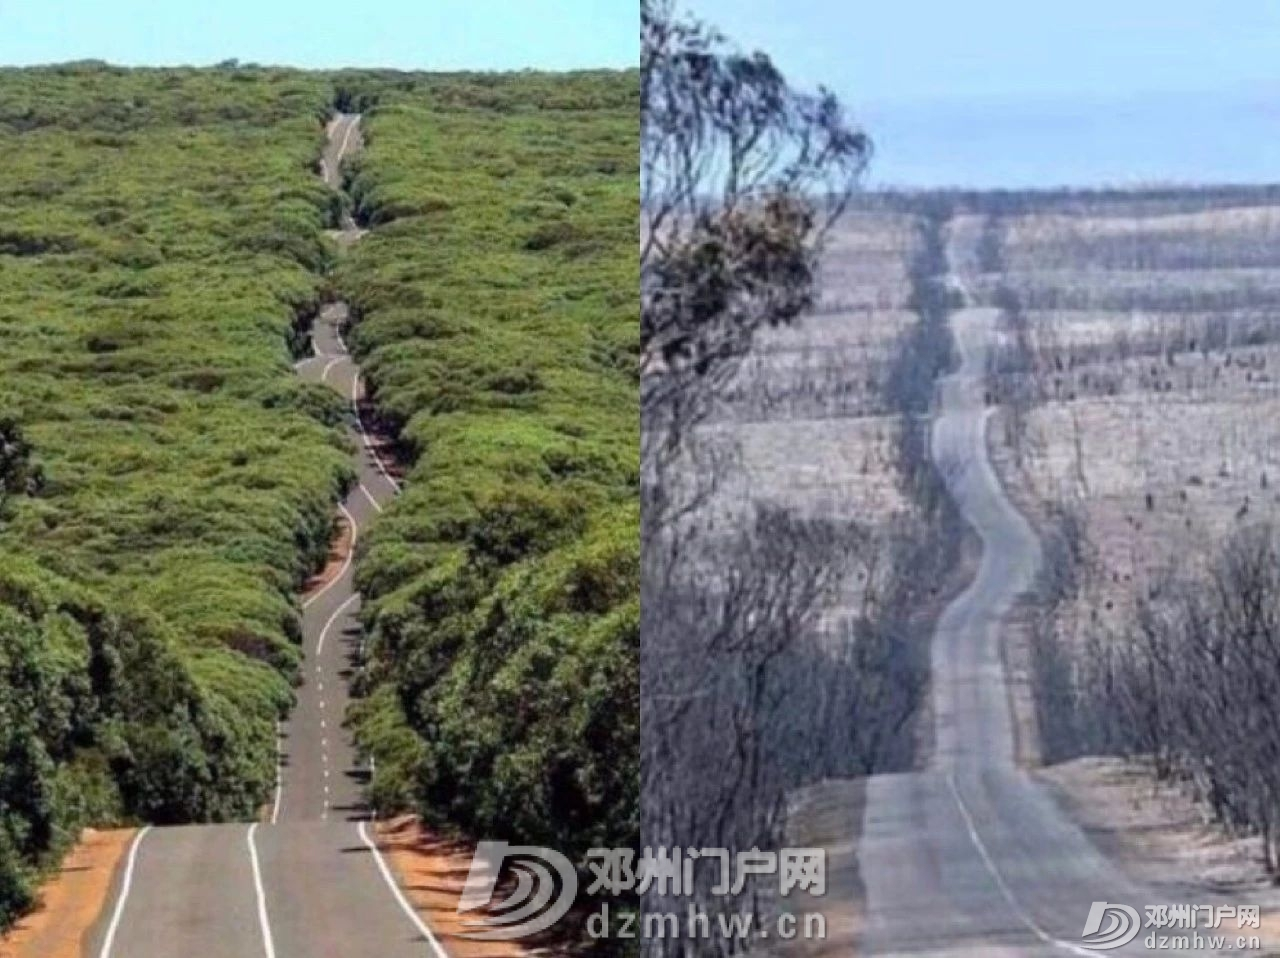 没有澳洲这场大火,我都不知道中国33年前这么厉害! - 邓州门户网|邓州网 - 10cdf9013c2d9fd3e26d267c163d243b.jpg